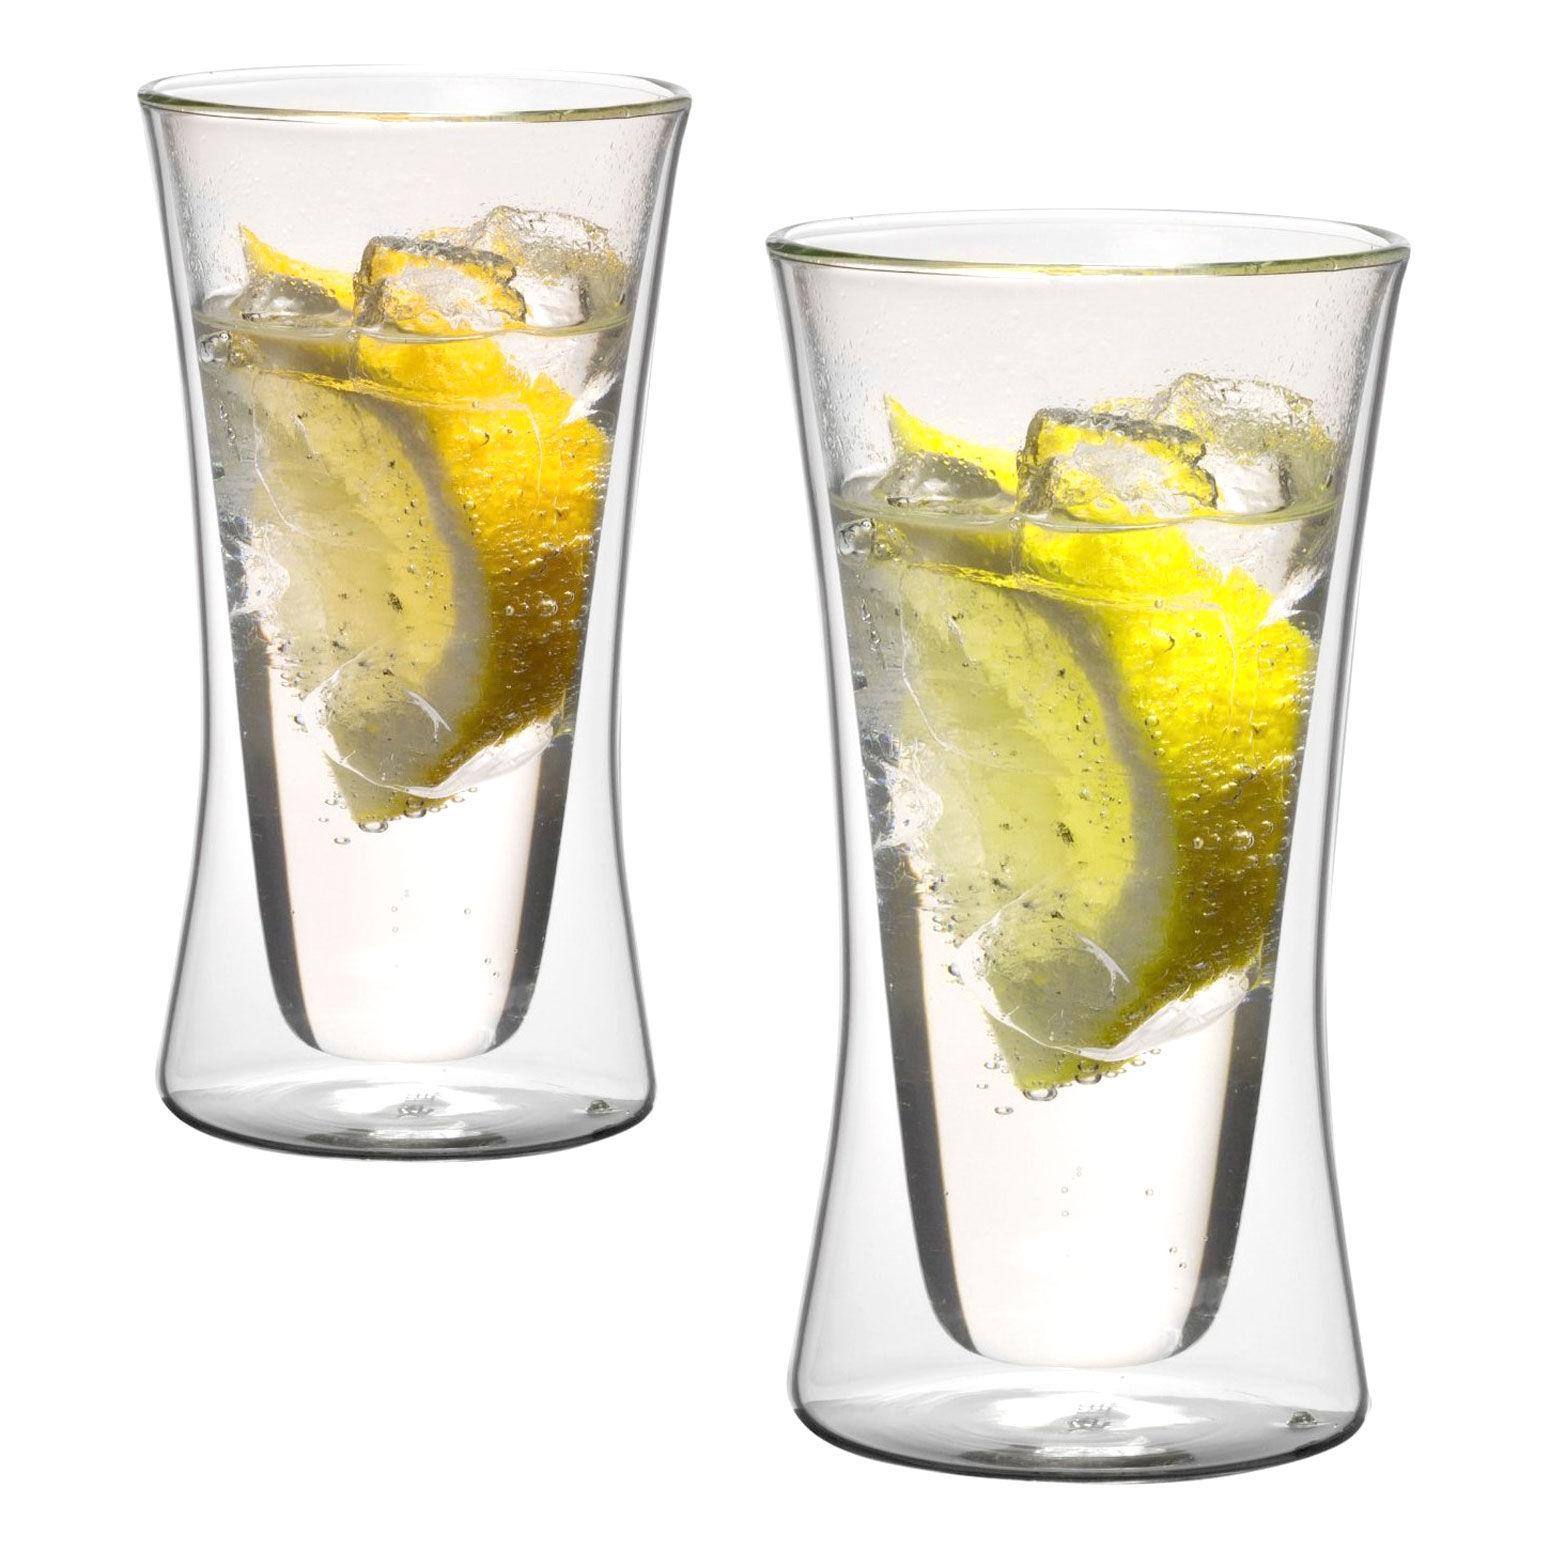 Beliebt Cocktail-Gläser Thermoglas 300ml XXL doppelwandig Modell Belly AX39